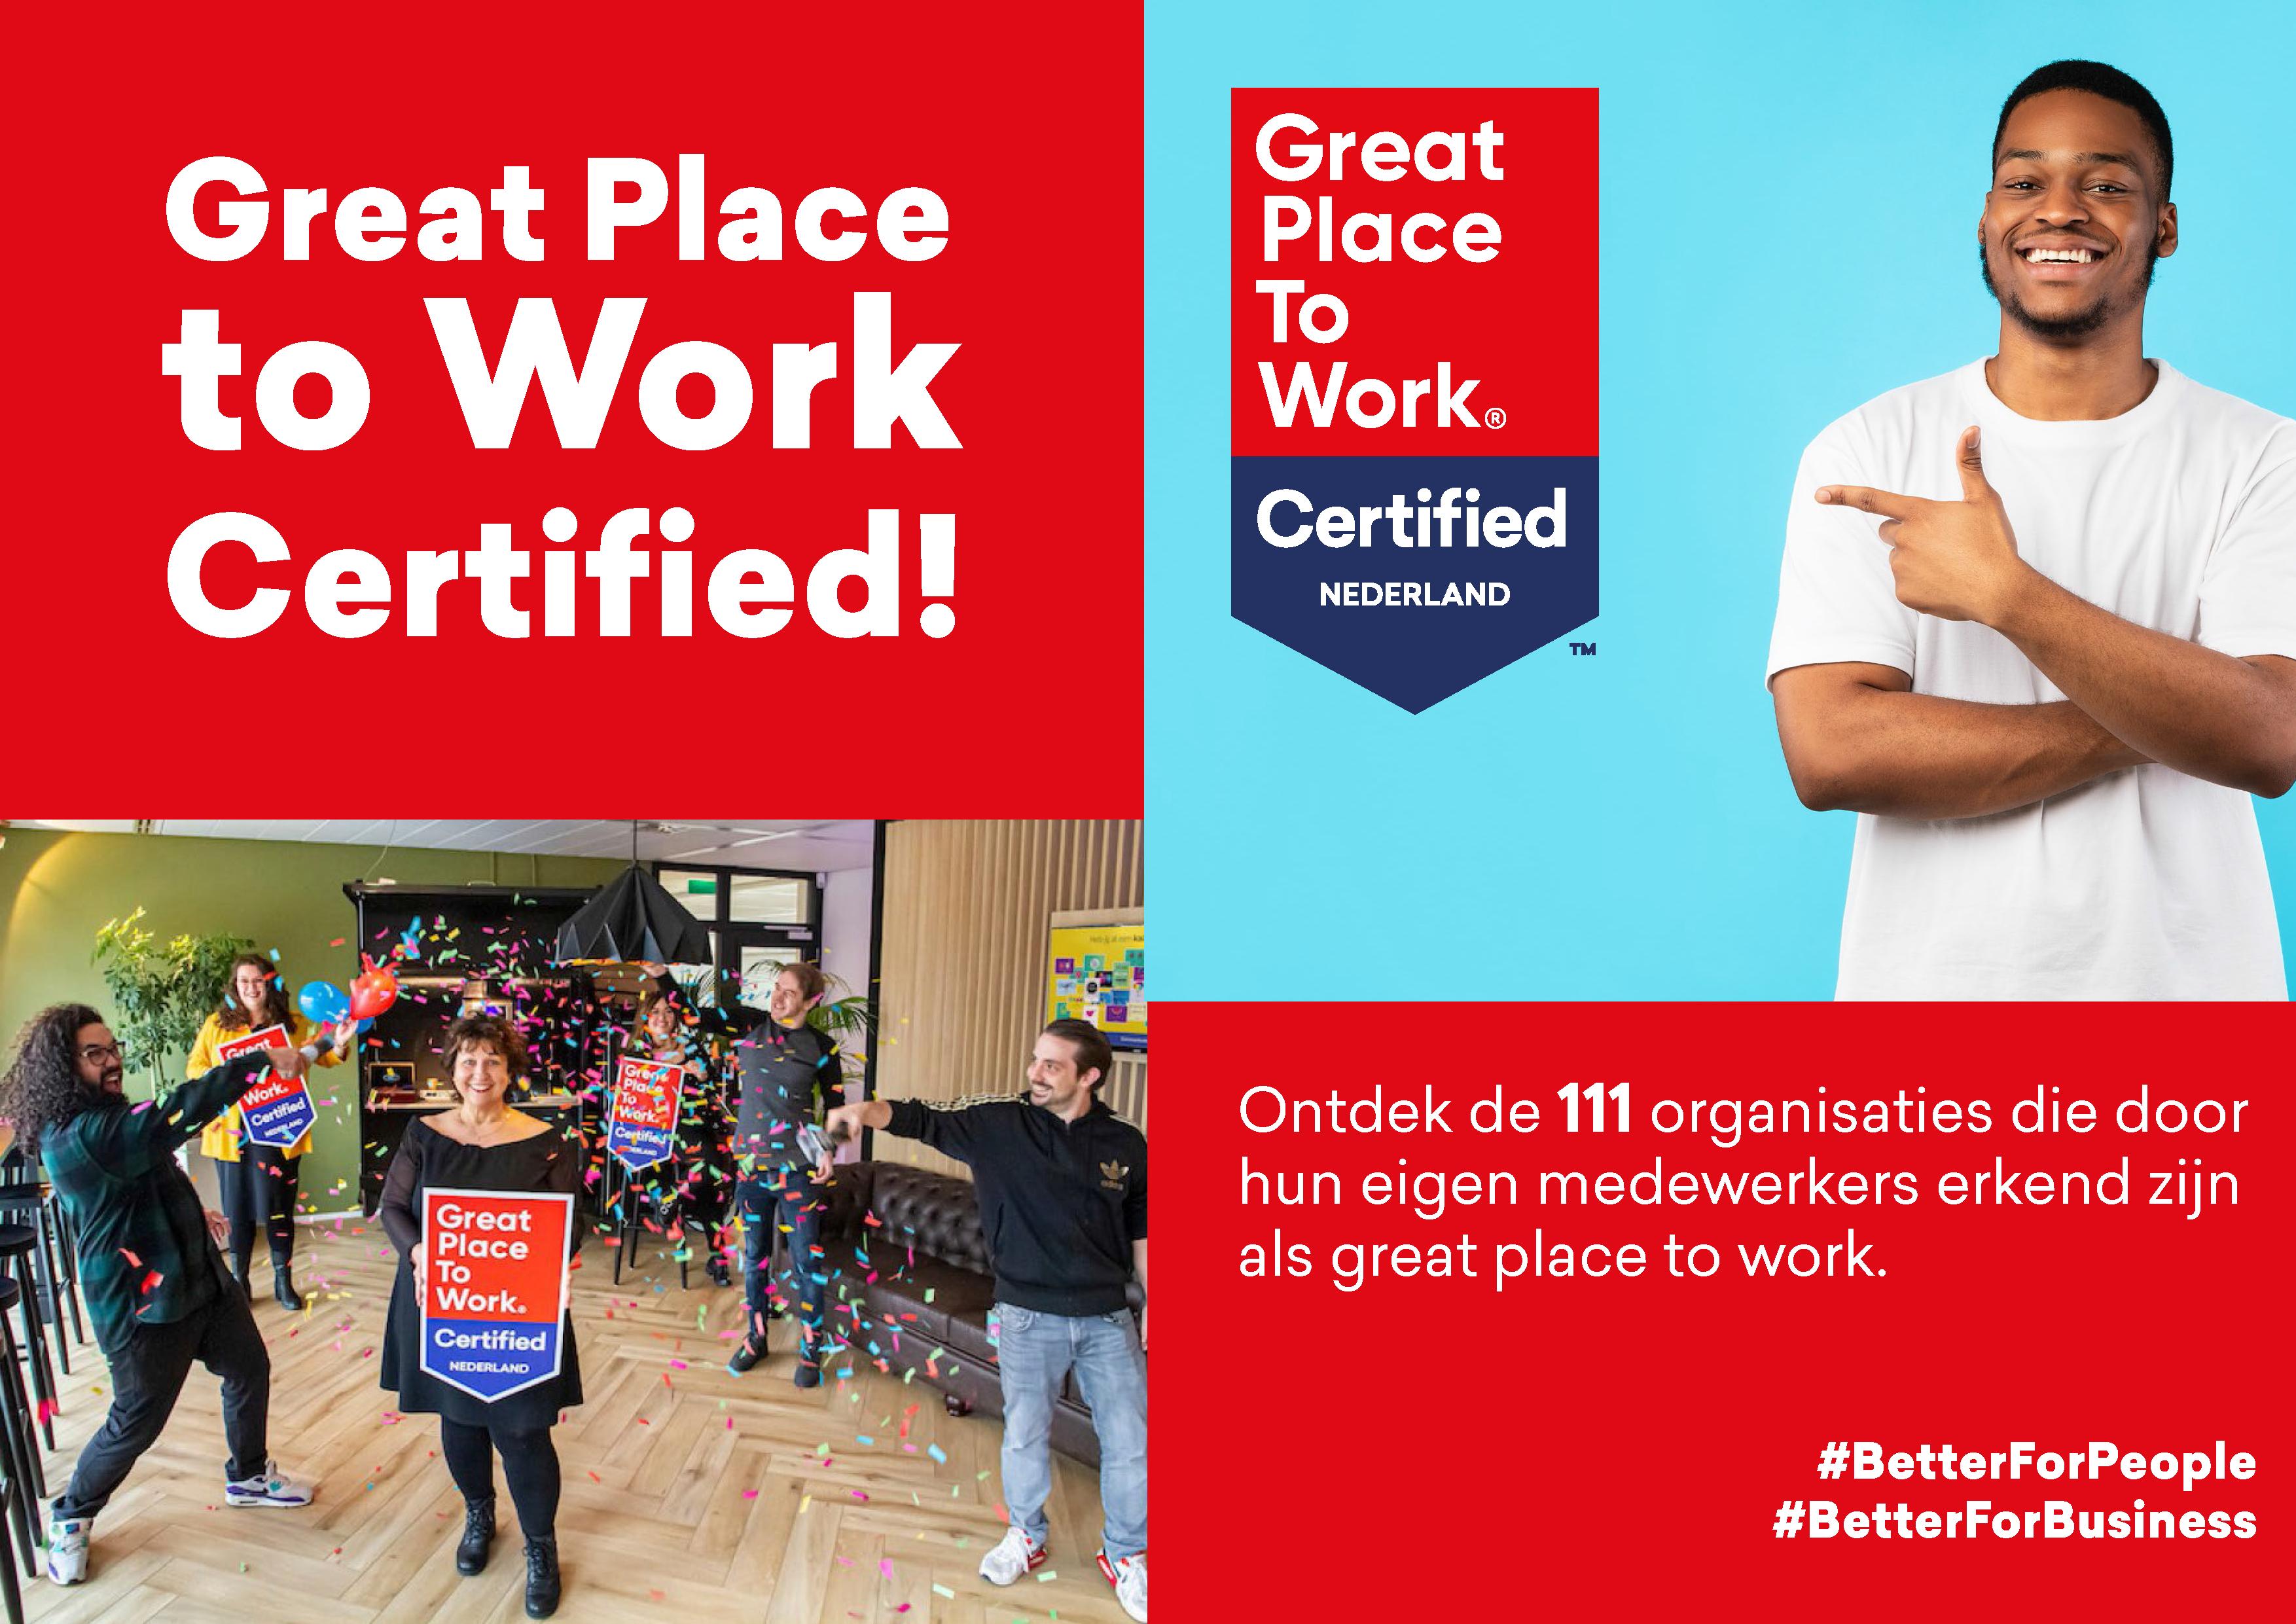 Dit zijn de 111 Great Place to Work Certified organisaties!